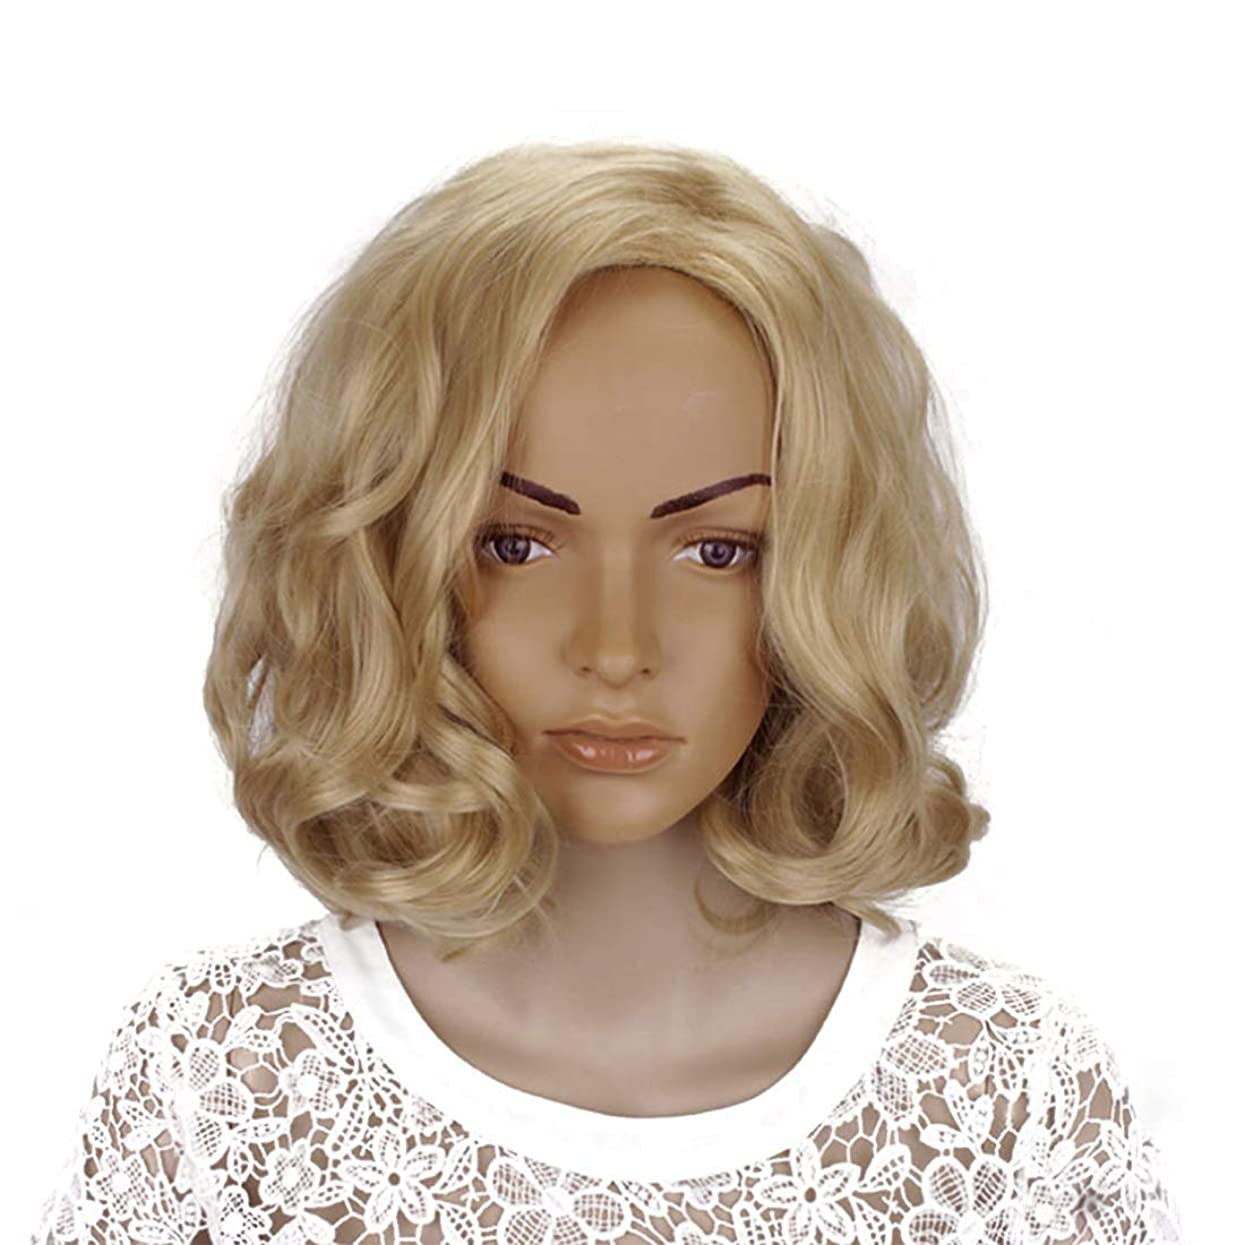 奇跡再現する刺激するMayalina ブロンド14インチ女性ボボカーリーと合成部分斜め前髪コスプレ衣装毎日のパーティー用ウィッグ女性用合成かつらレースかつらロールプレイングかつら (色 : Blonde, サイズ : 14